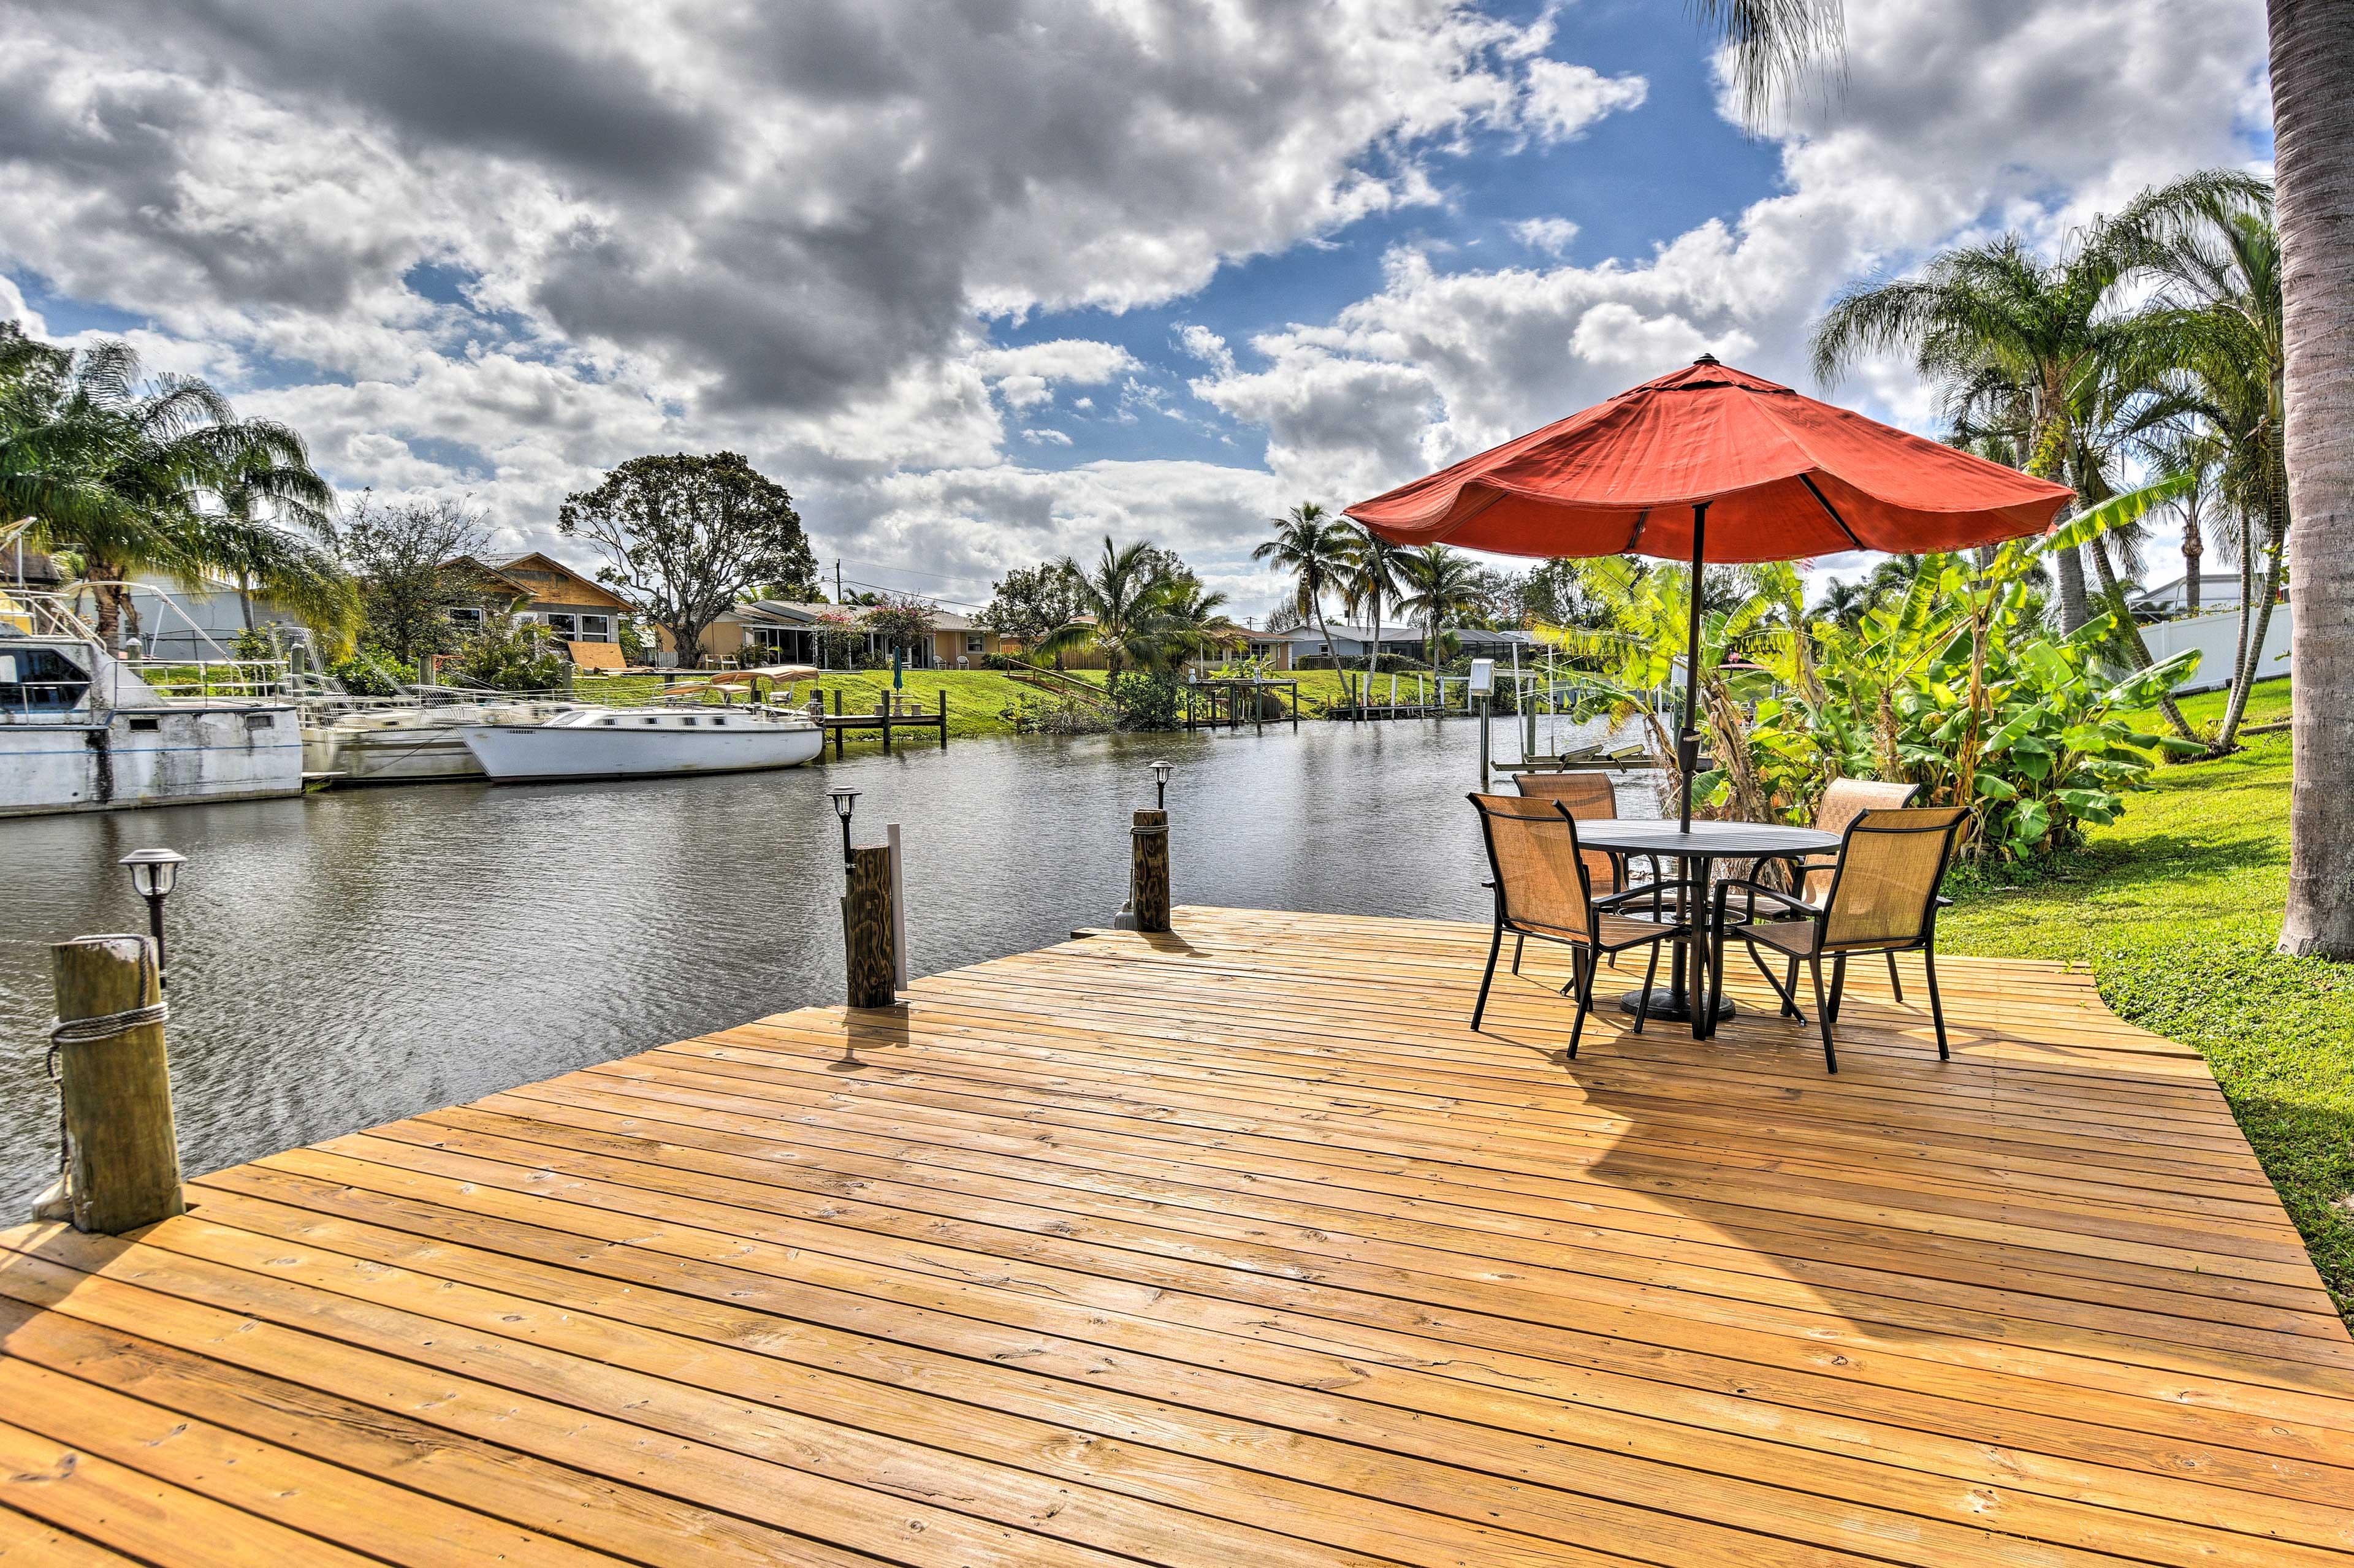 Your Port St. Lucie destination awaits!